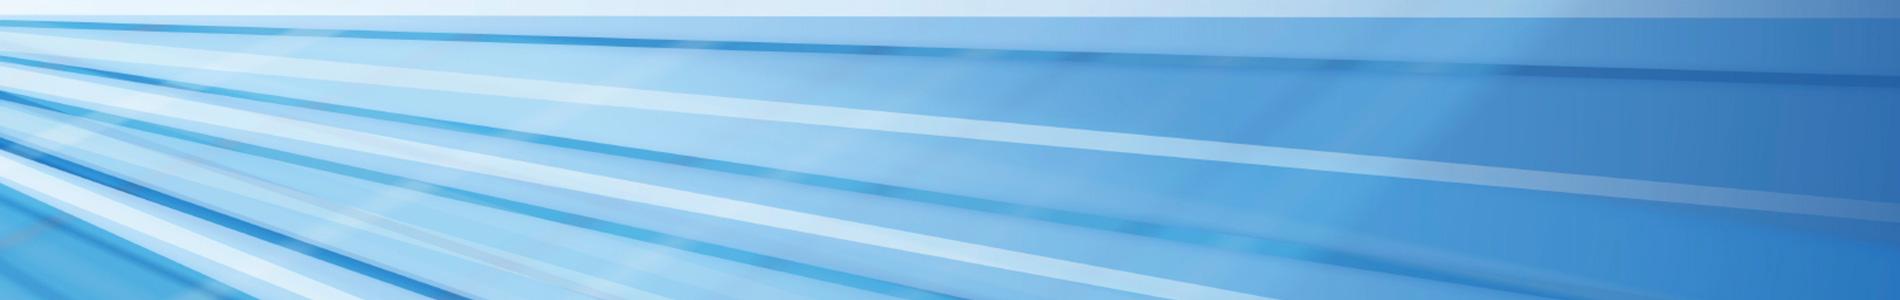 banner-blue-stripe-gradient